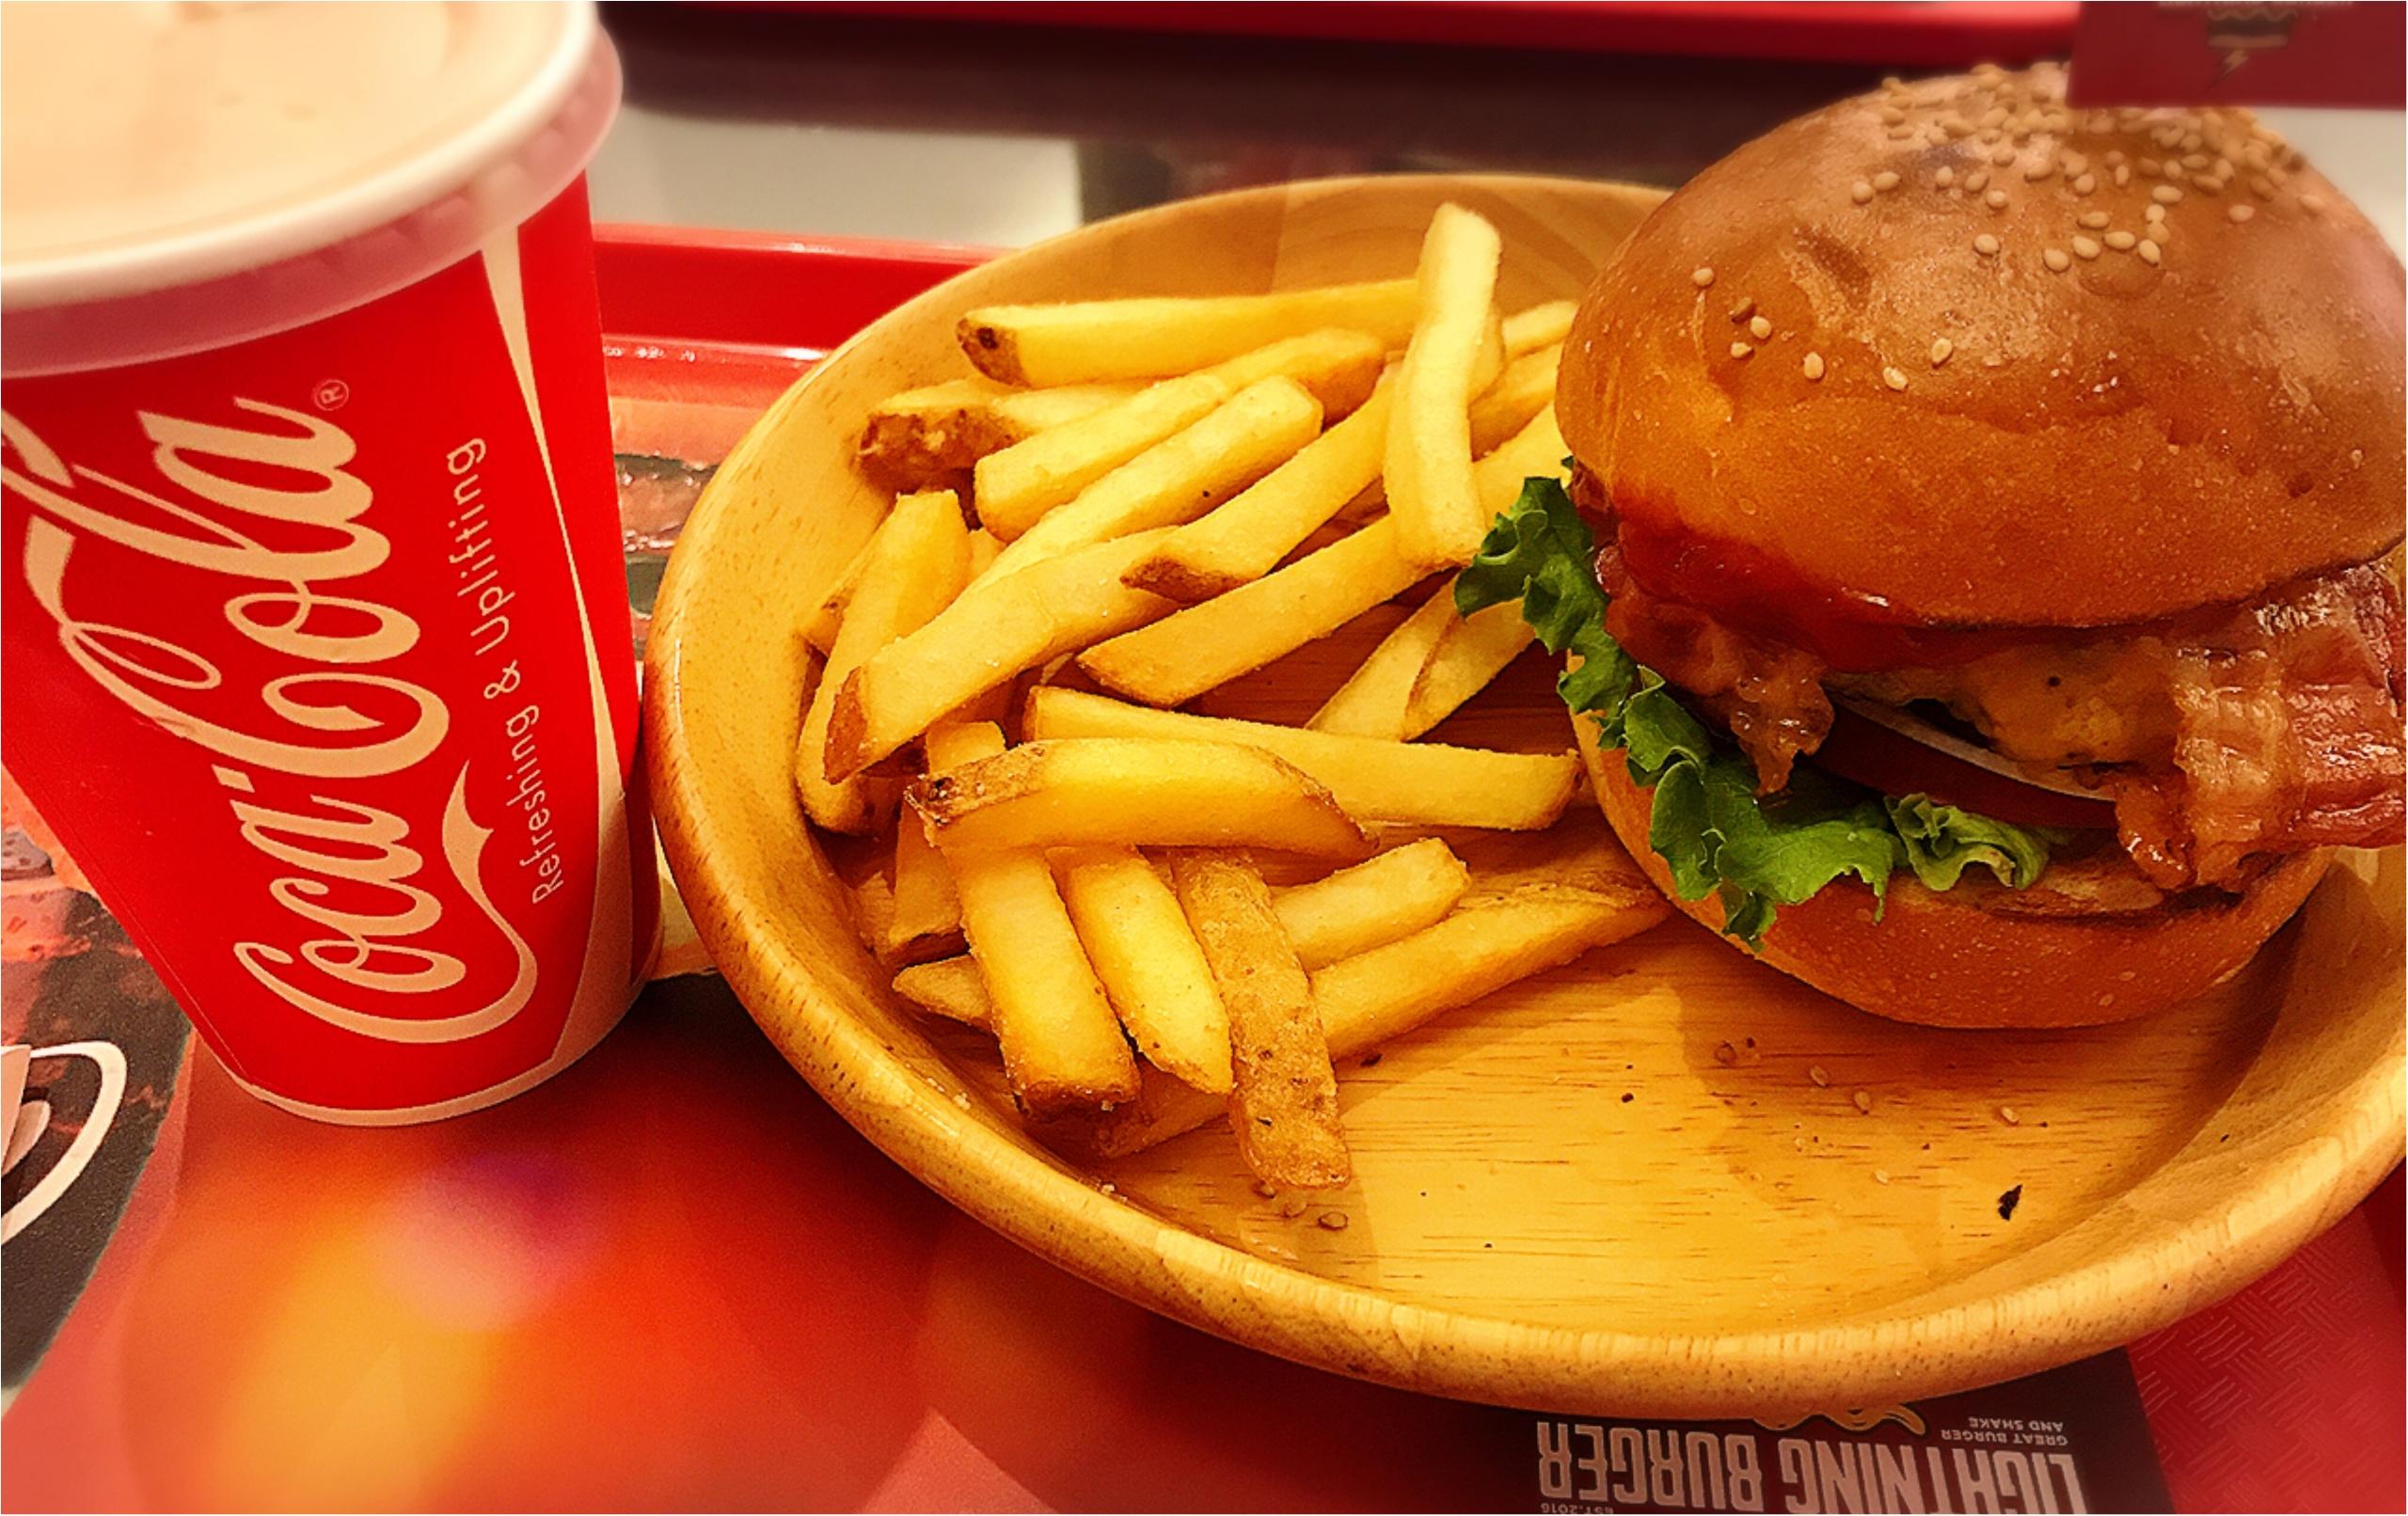 ★イケてるお店のイケてるハンバーガー!まるでテーマパークのフードコートな見た目の『LIGHTNING BURGER』★_7